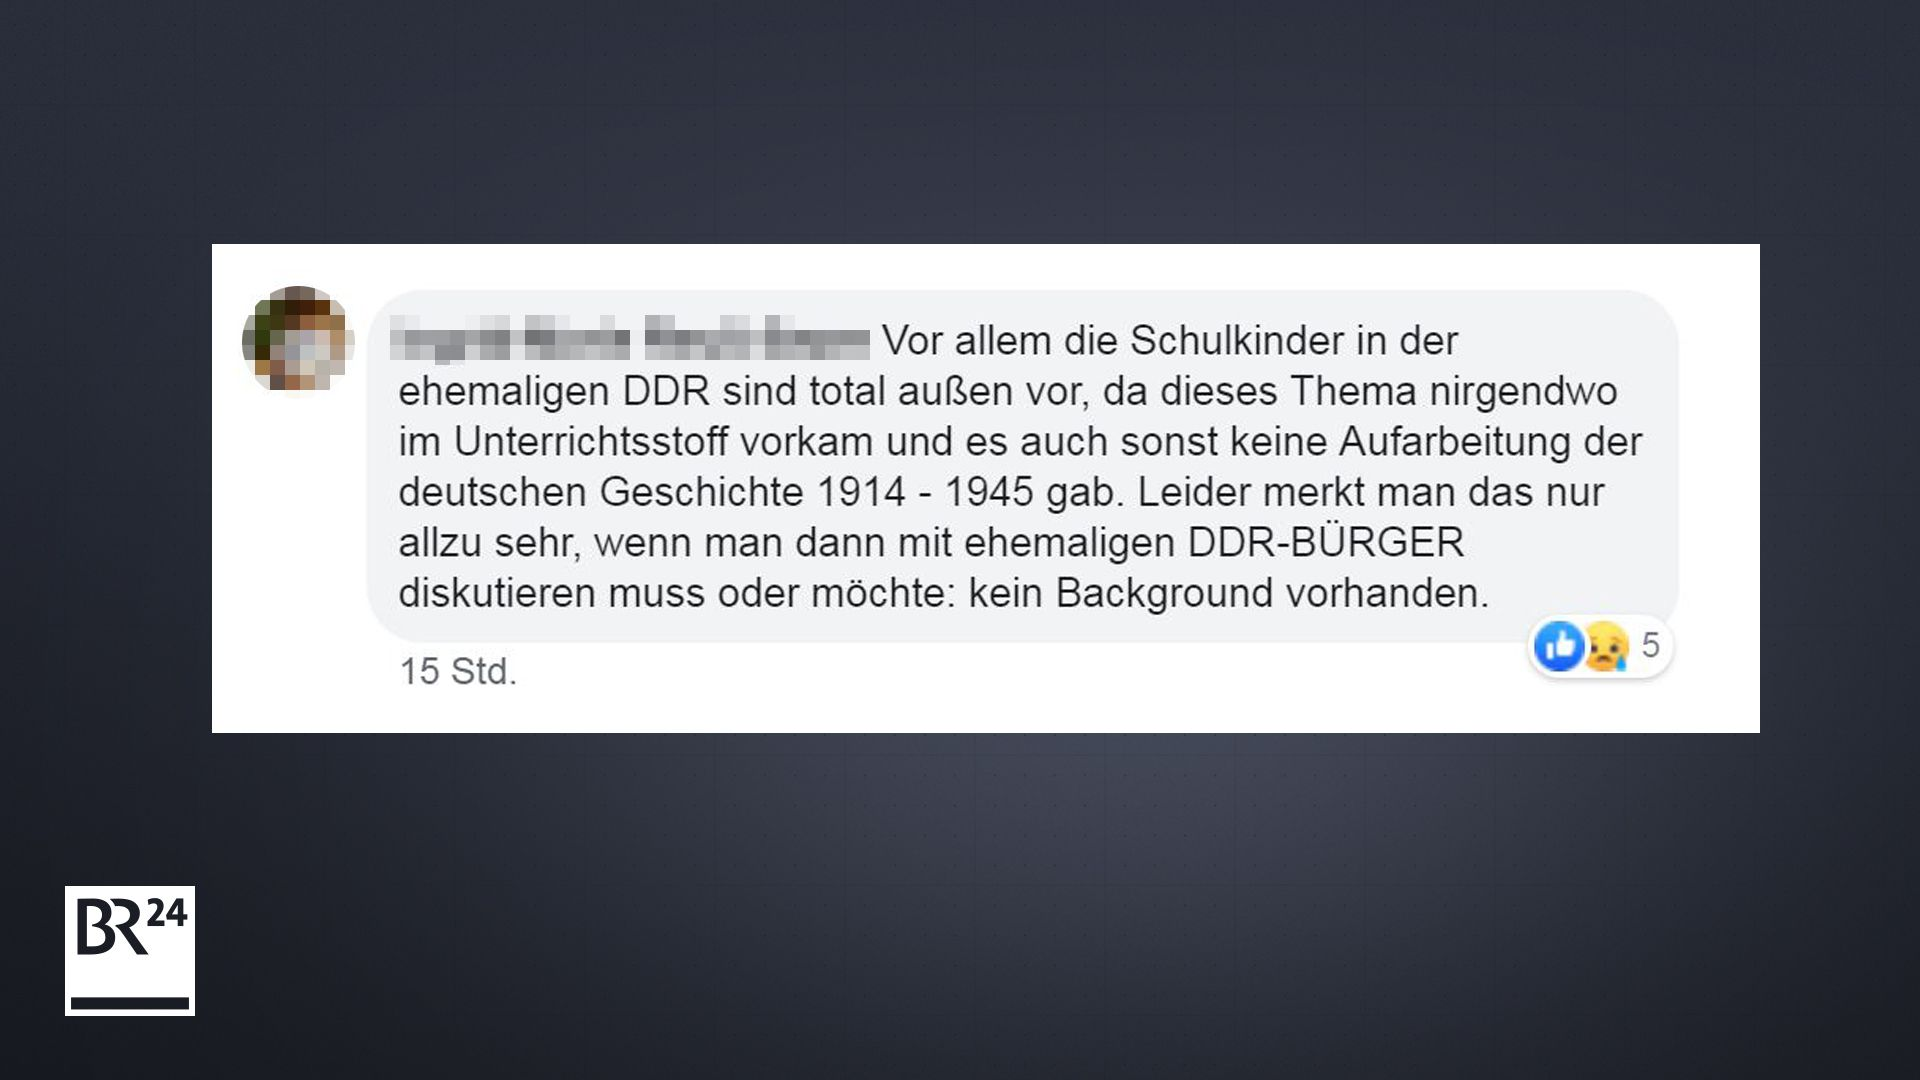 Vor allem die Schulkinder in der ehemaligen DDR sind total außen vor, da dieses Thema nirgendwo im Unterrichtsstoff vorkam und es auch sonst keine Aufarbeitung der deutschen Geschichte 1914-1945 gab. Leider merkt man das nur allzu sehr, wenn man mit ehemaligen DDR-Bürgern diskutieren muss oder möchte...